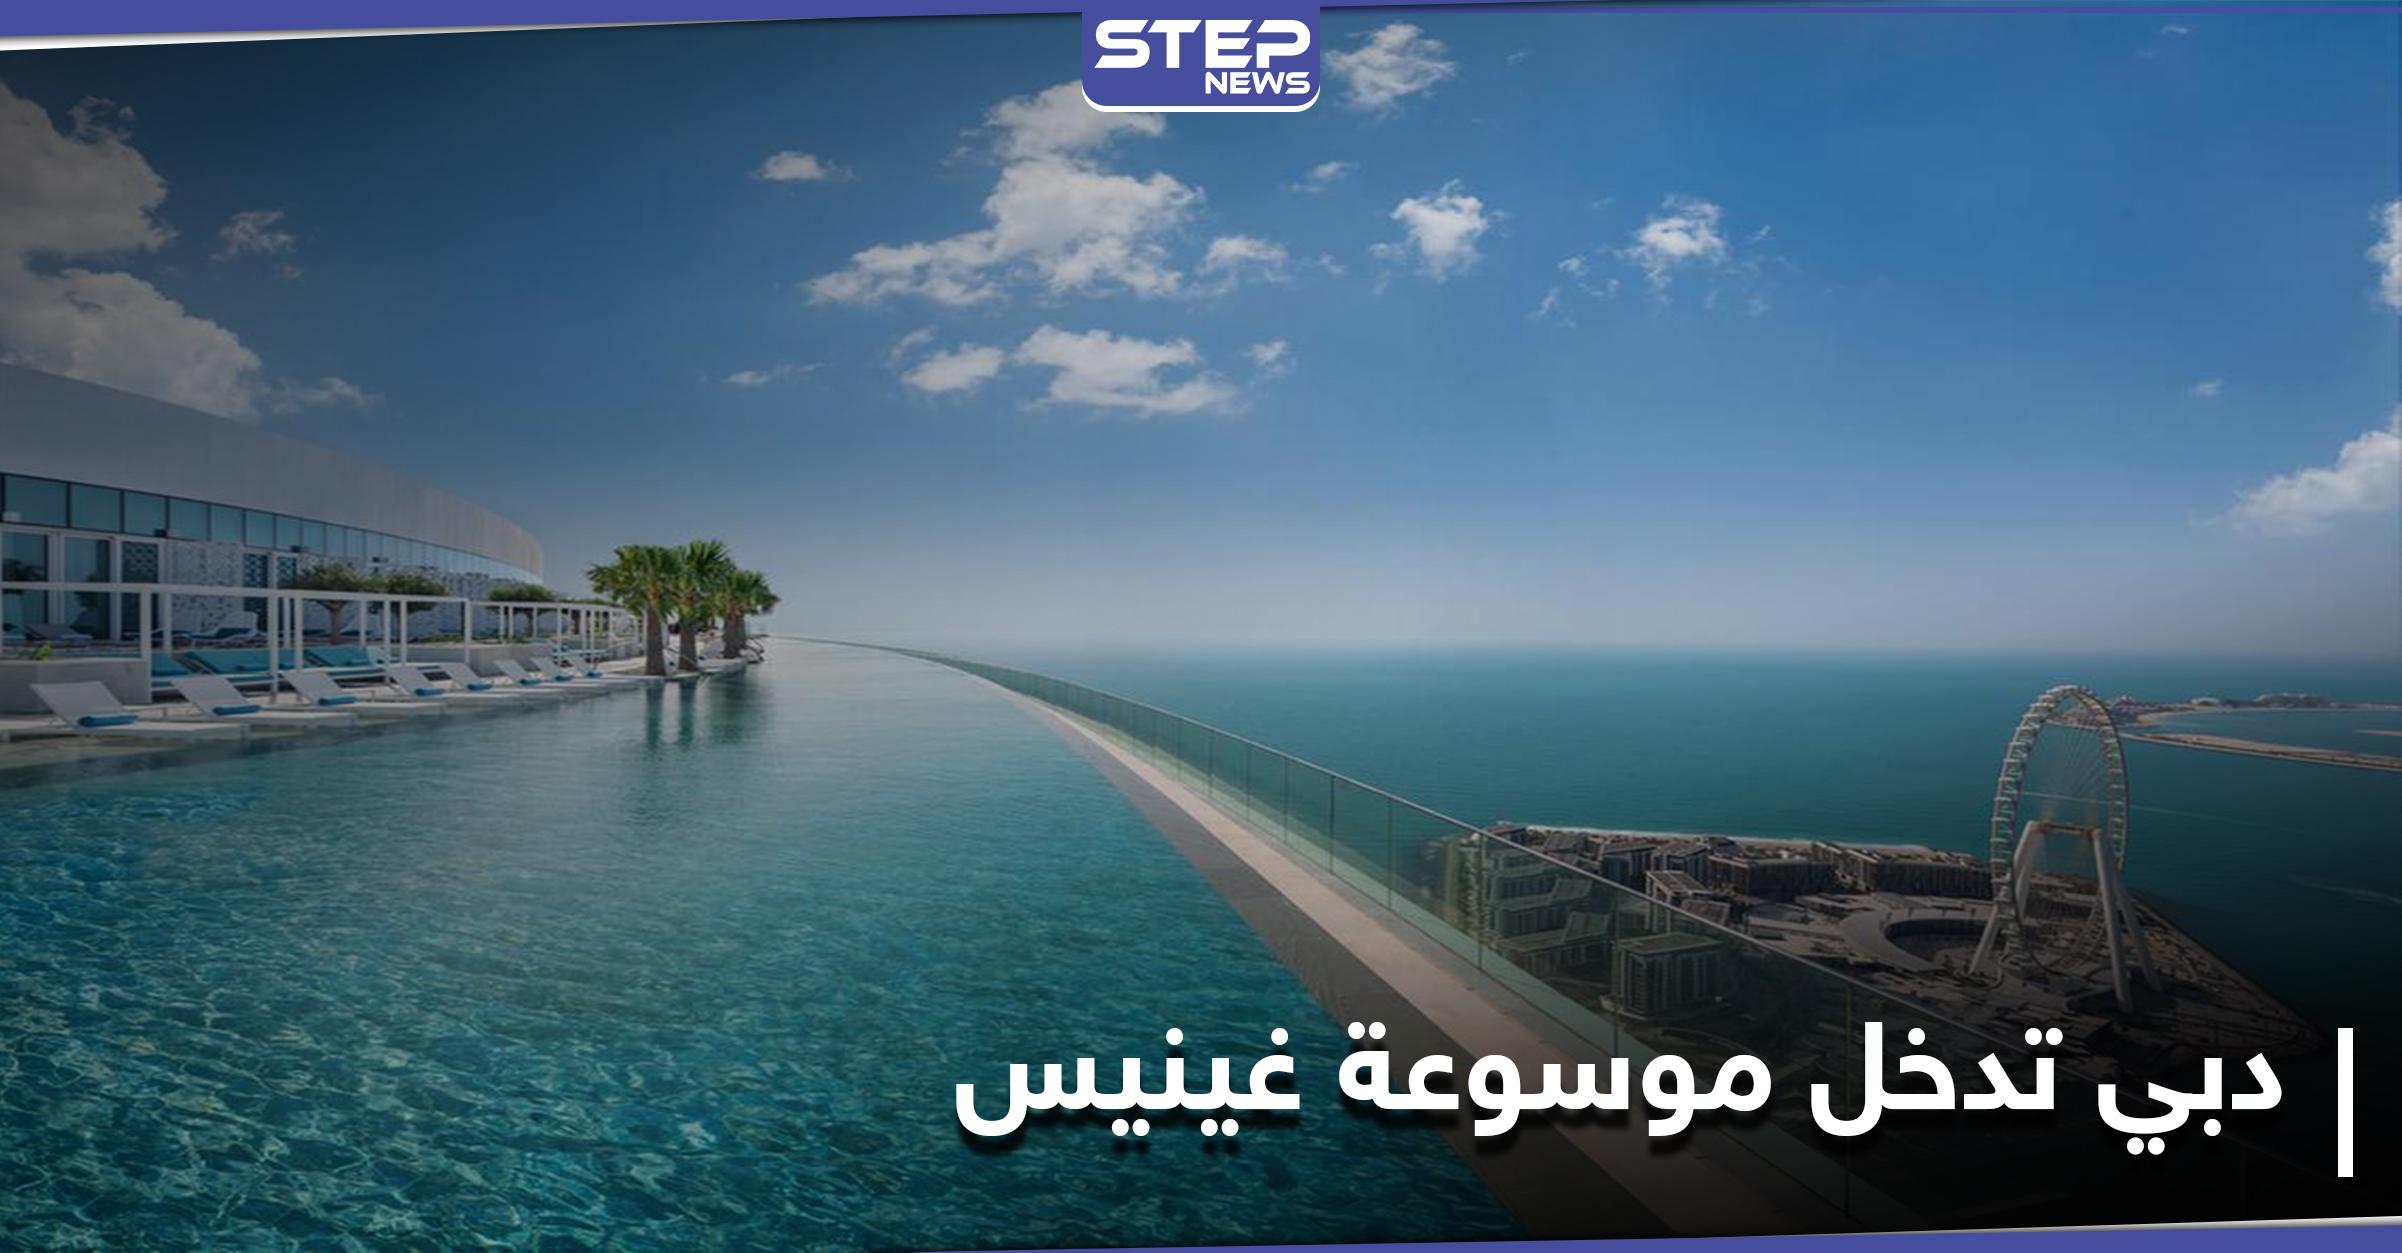 ما الذي يميزه.. أعلى مسبح في العالم يُدخل دبي موسوعة غينيس للأرقام القياسية